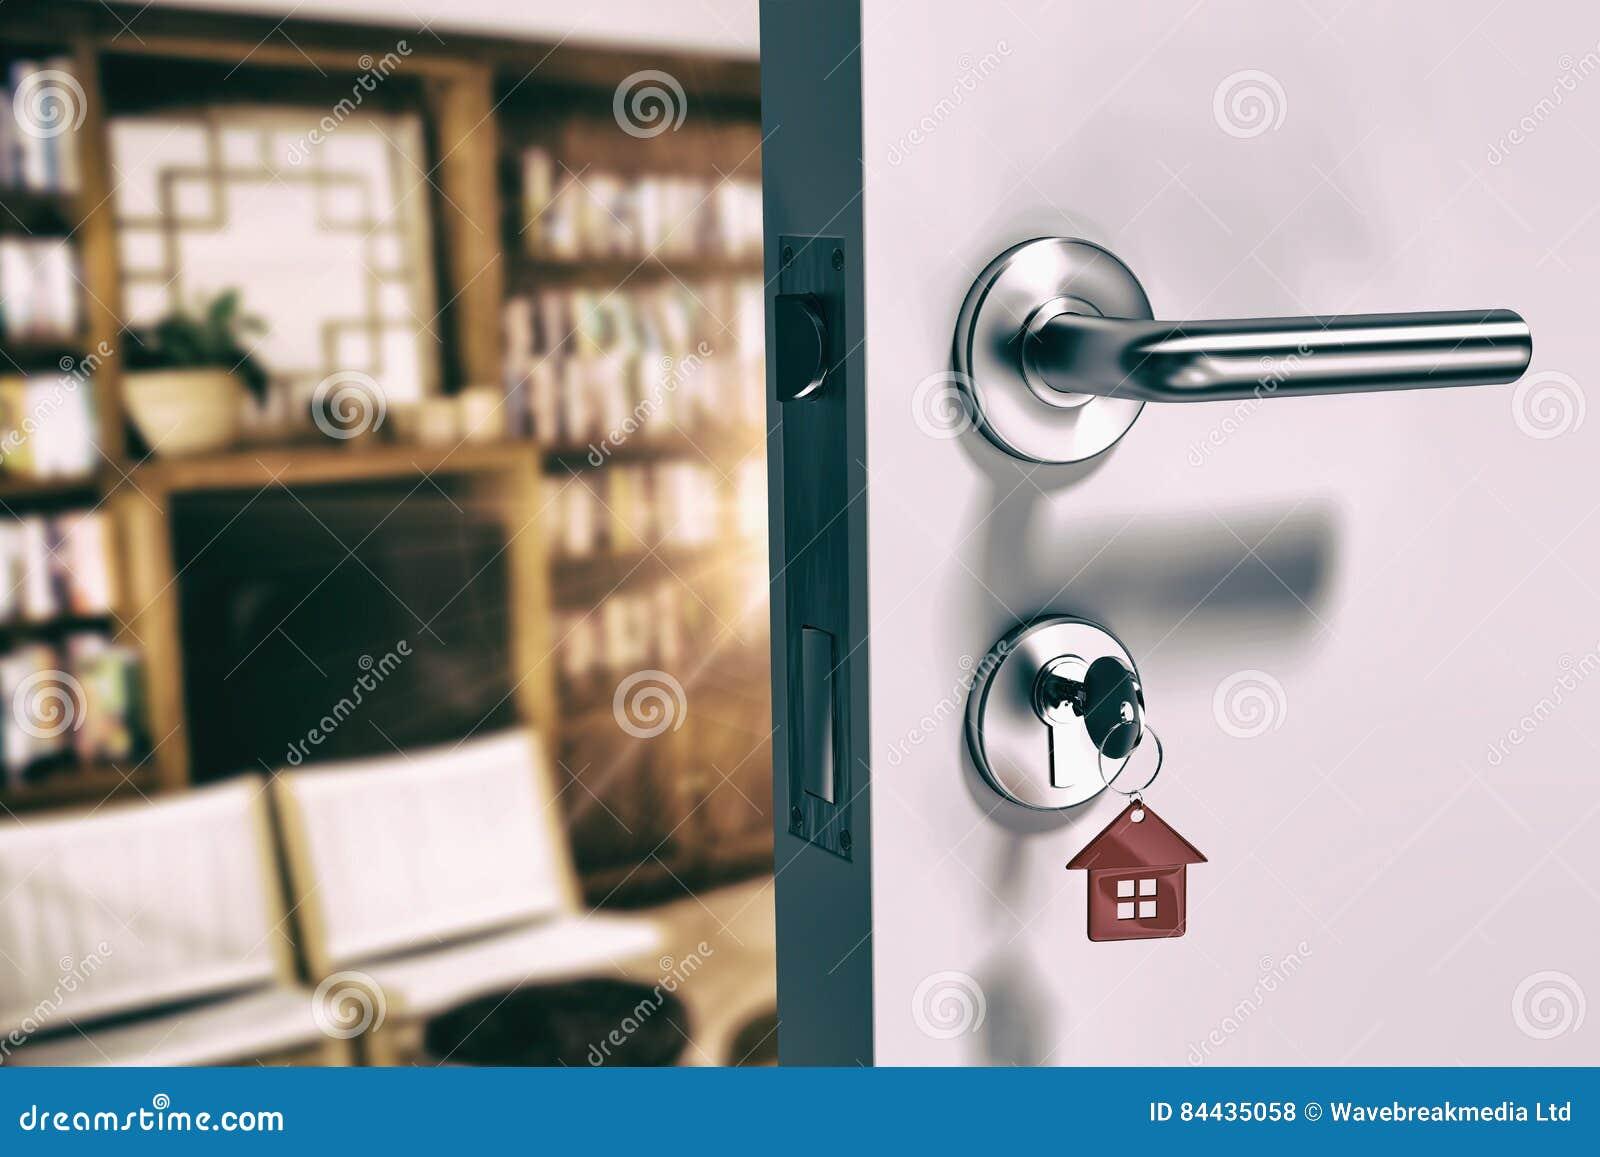 Zusammengesetztes Bild des digital erzeugten Bildes der offener Tür mit Hausschlüssel